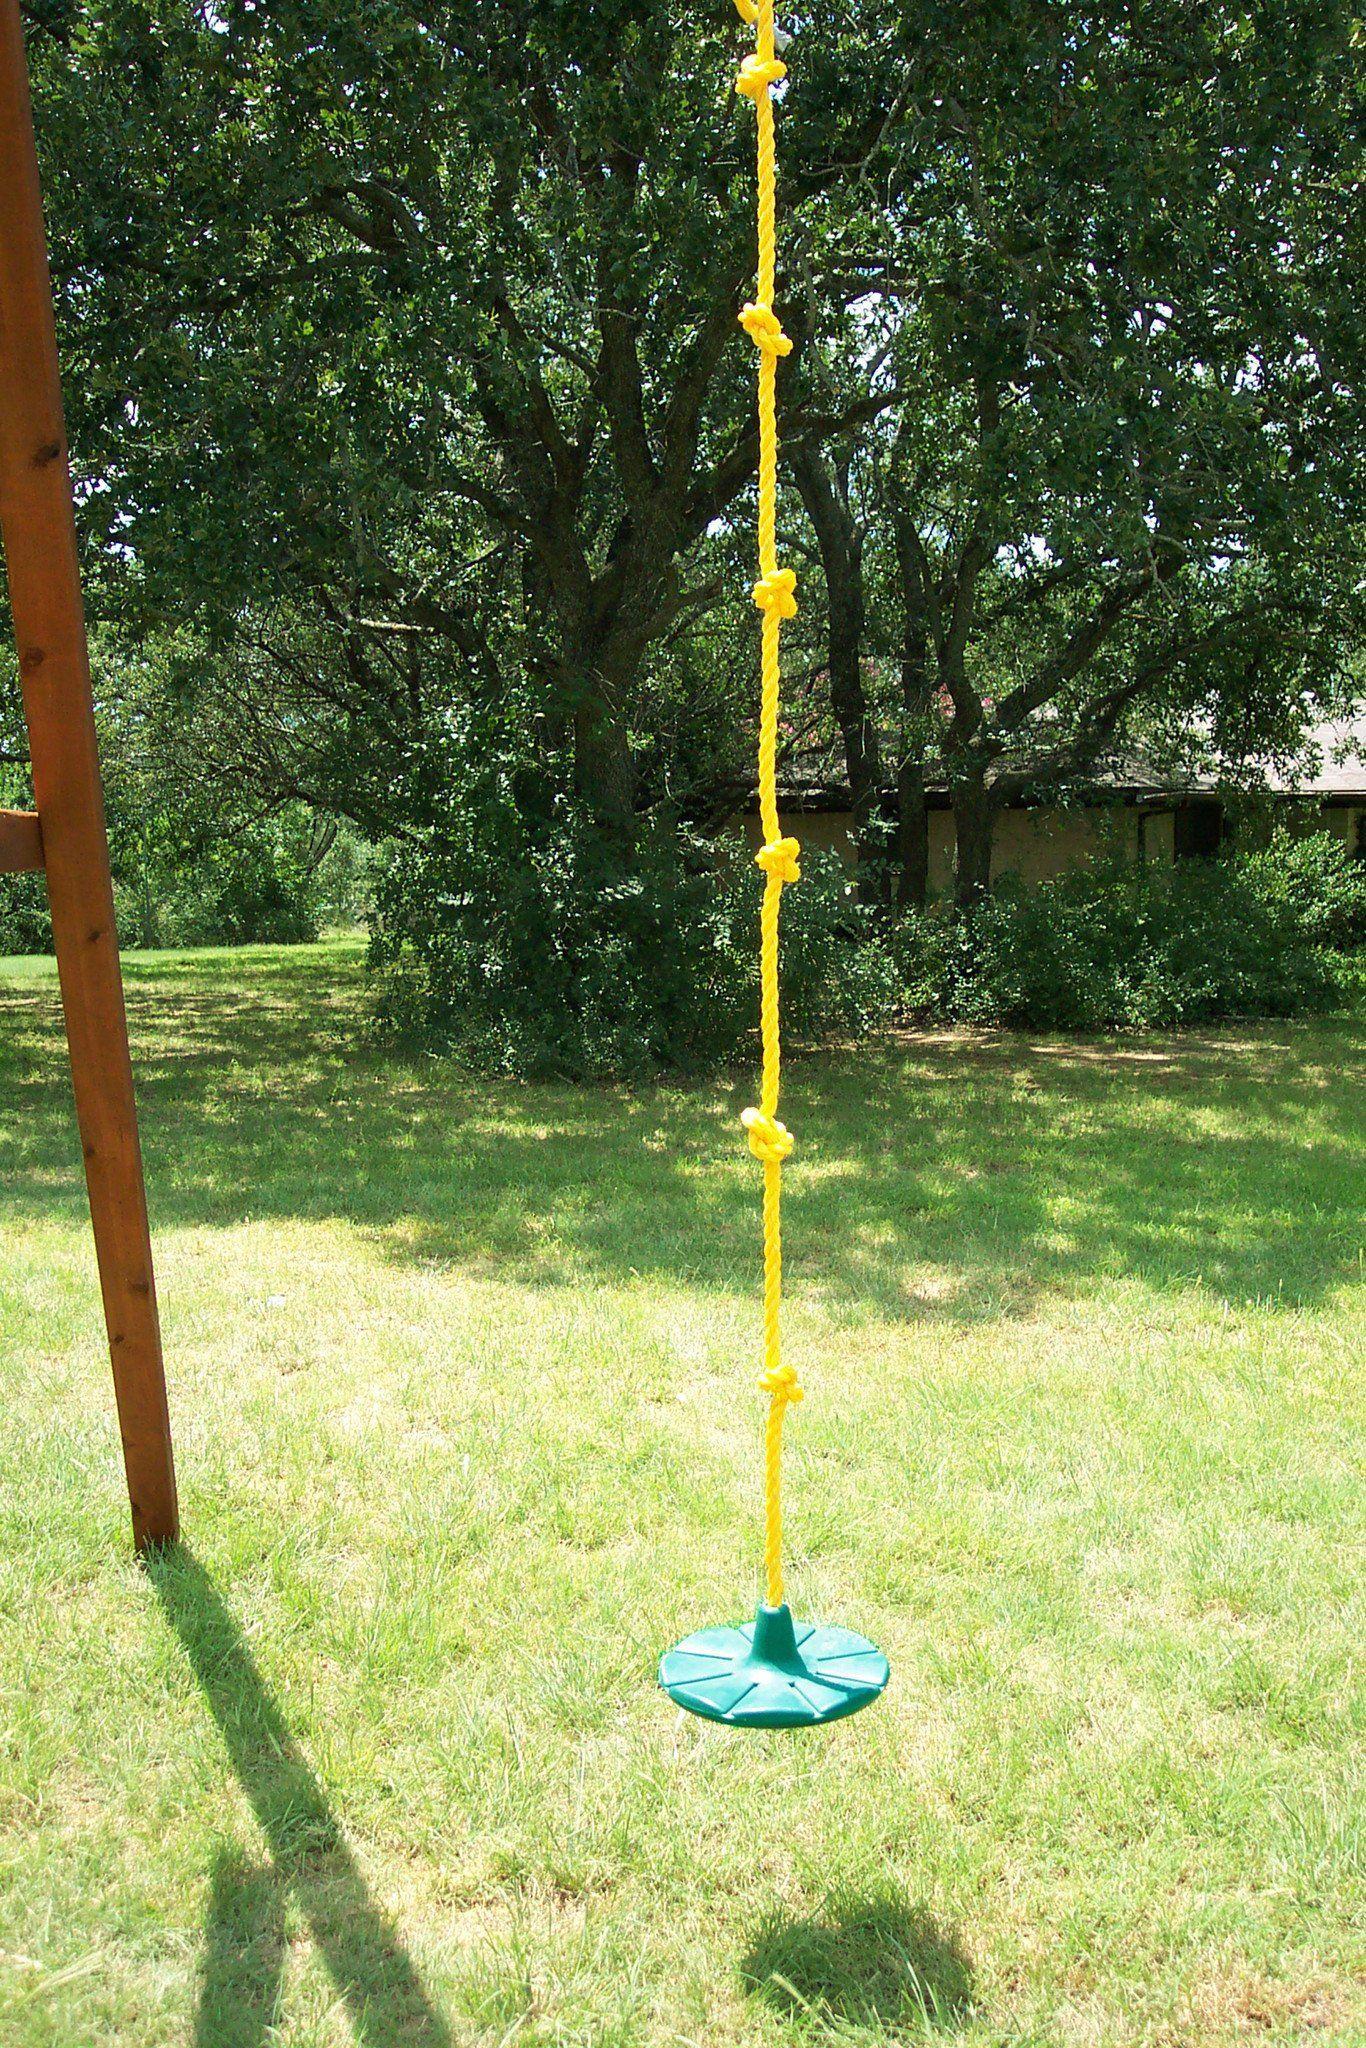 Daisy Disc Swing Green Products Pinterest Backyard Swing